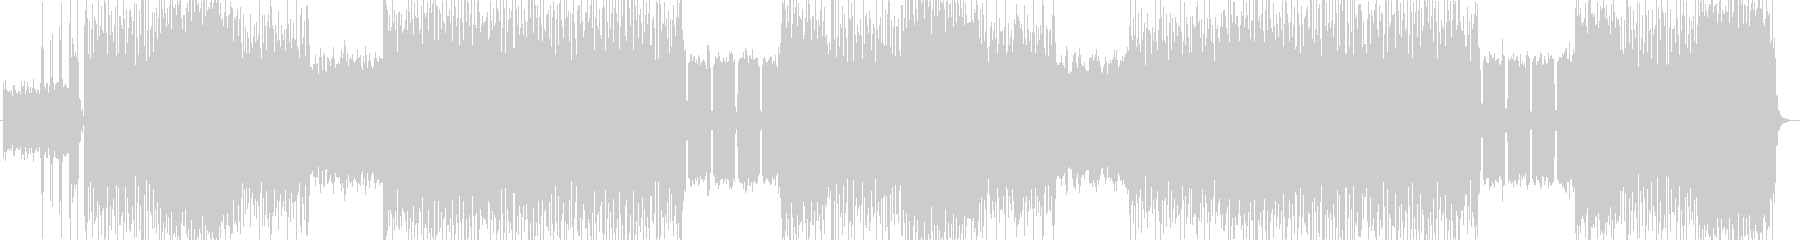 不気味、ハードロック系の曲 BGM228の未再生の波形